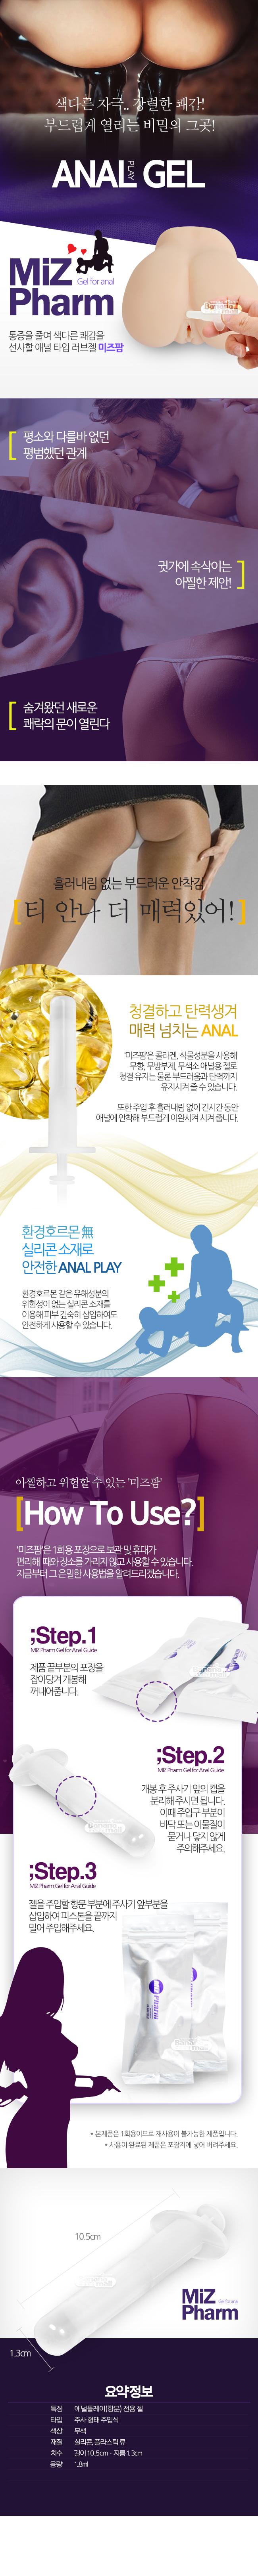 [애널 전용 젤] 미즈팜 2P(Miz Pharm) - 항문 전용 젤